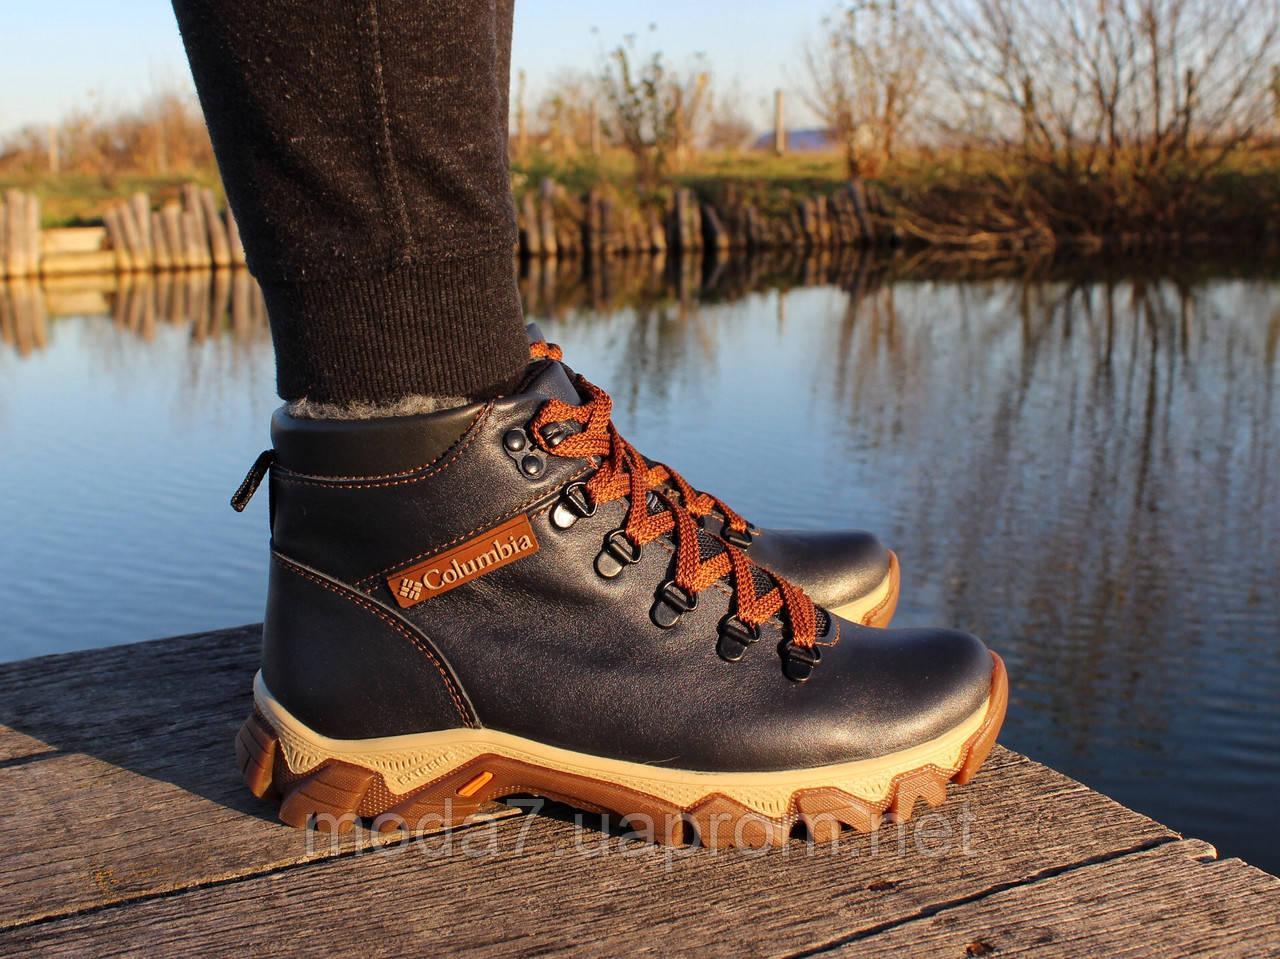 Детские подростковые зимние ботинки Columbia 32,33,34,35,36,37,38,39 реплика